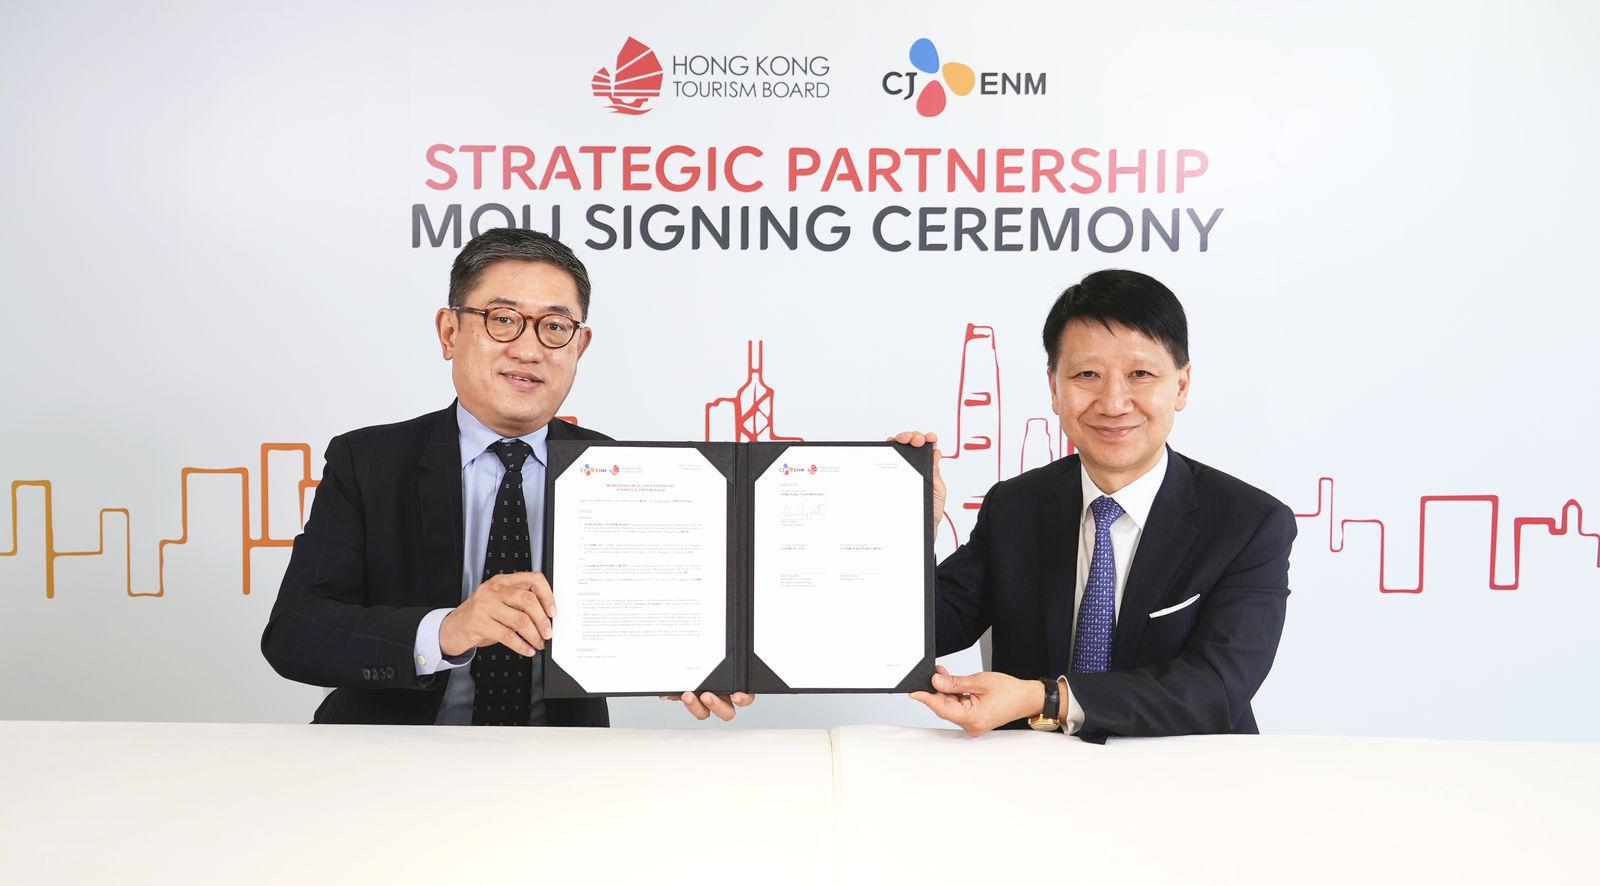 Dr YK Pang, Chairman of HKTB & Mr Dane Cheng, Executive Director of HKTB-medium